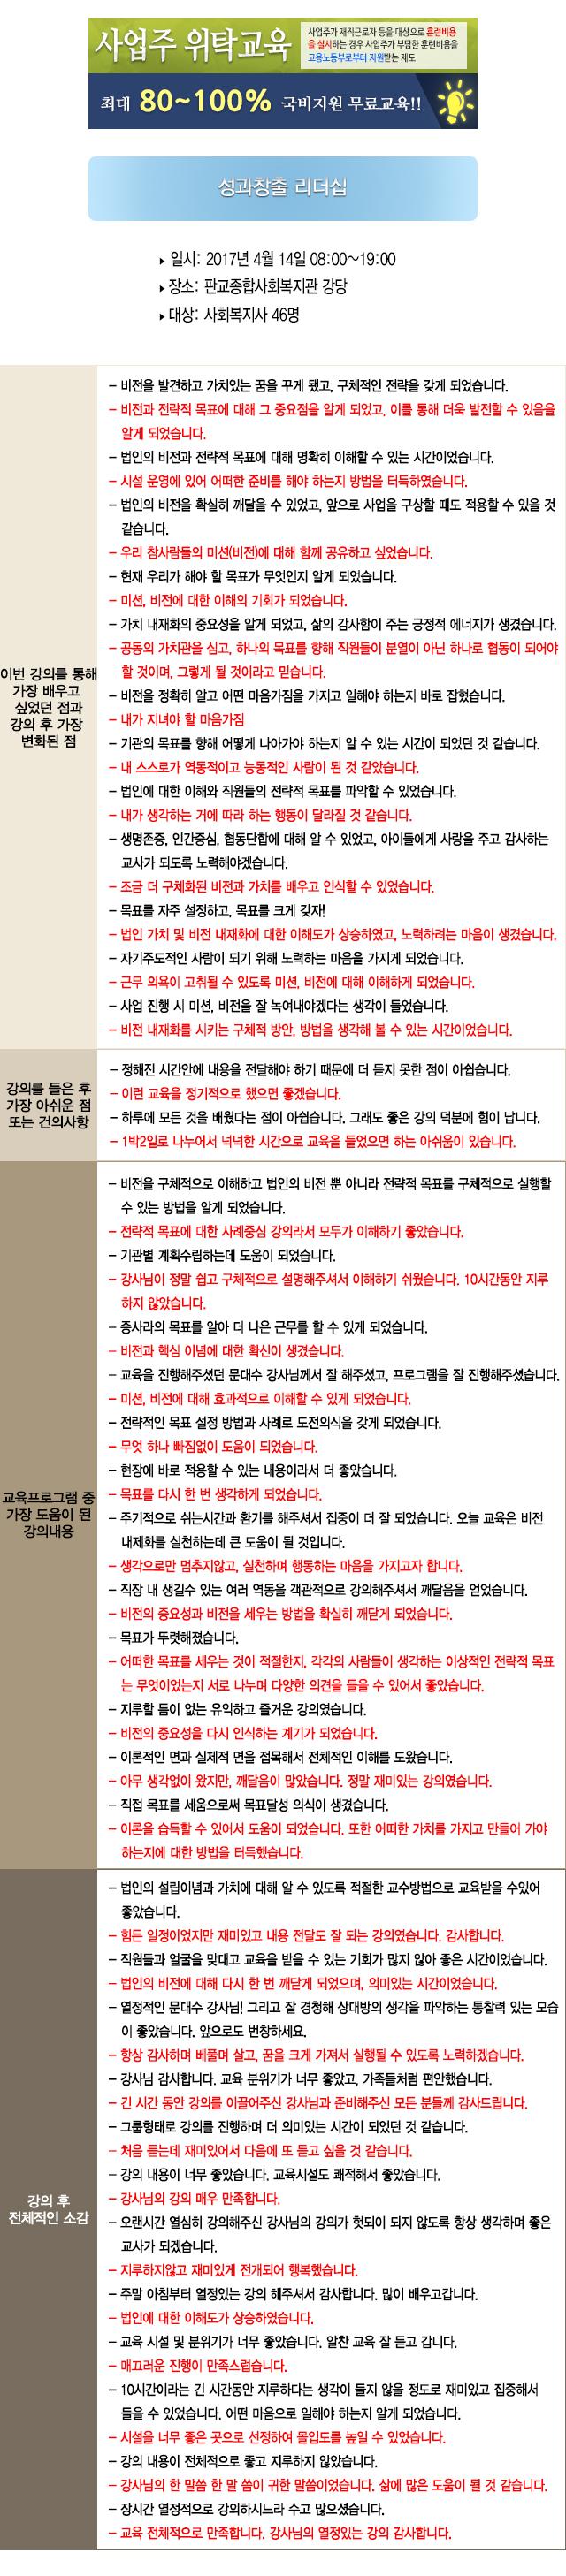 한국중앙인재개발원 후기 한국참사랑복지회.jpg